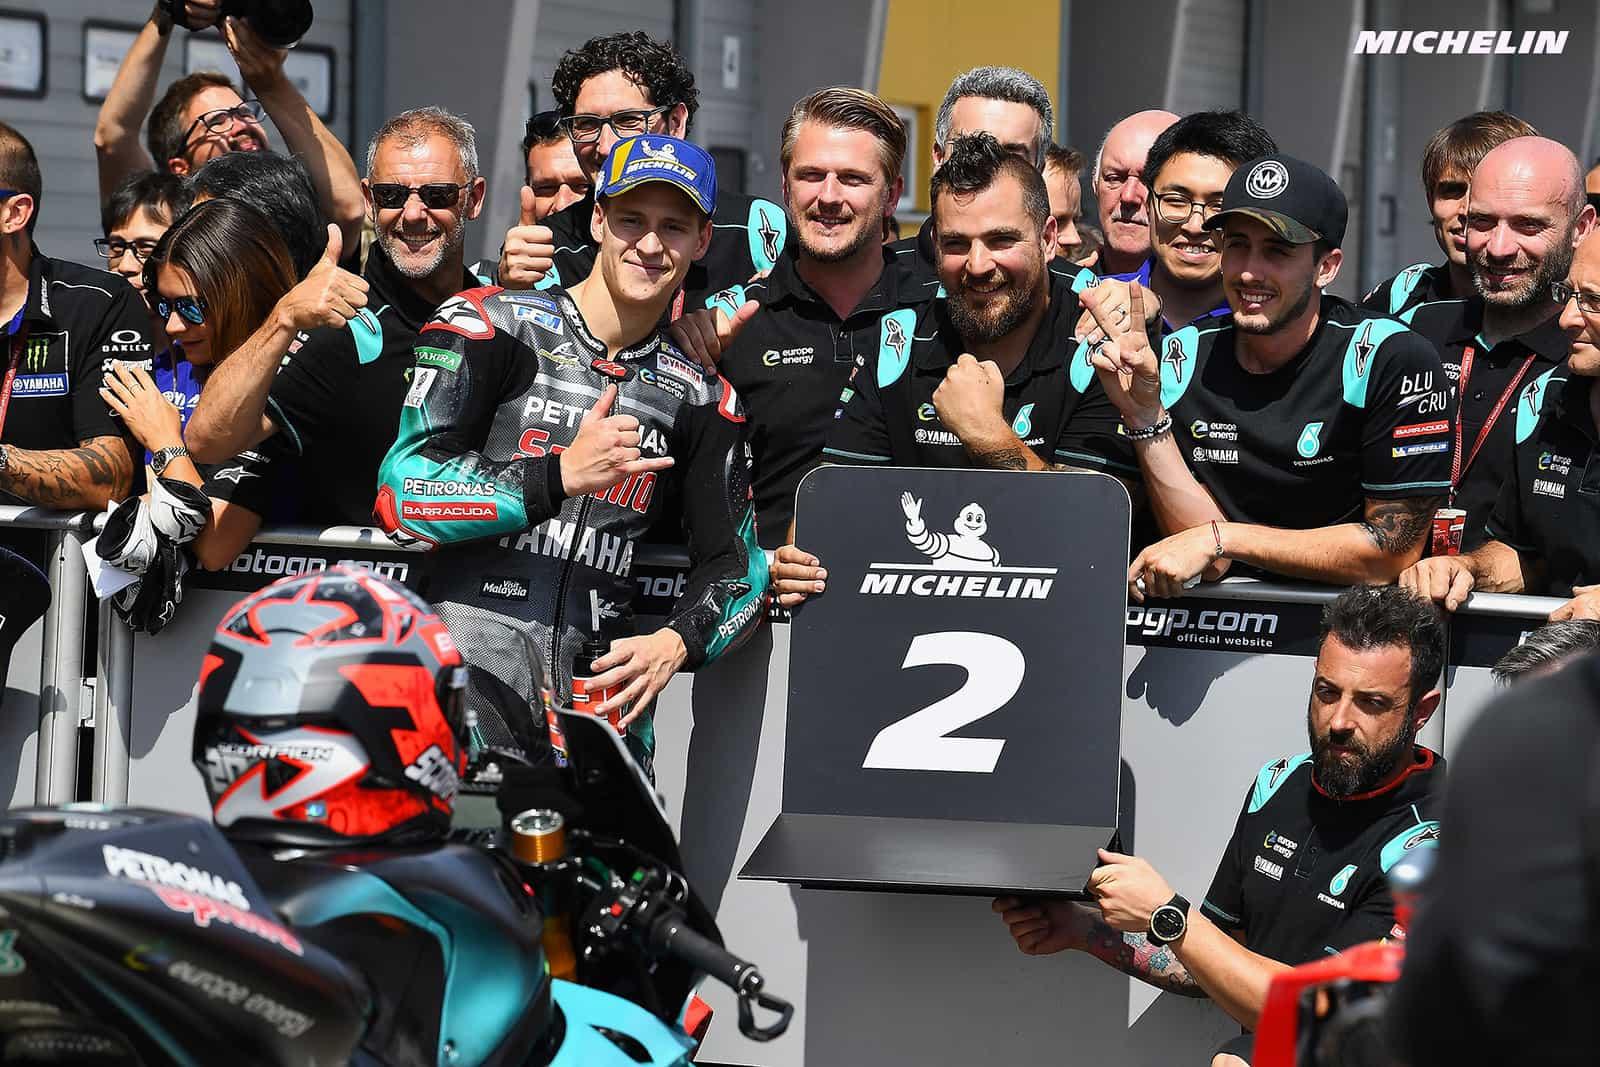 MotoGP2019ドイツGP 予選2位クアルタラロ「目標は2列目までを獲得することだった」